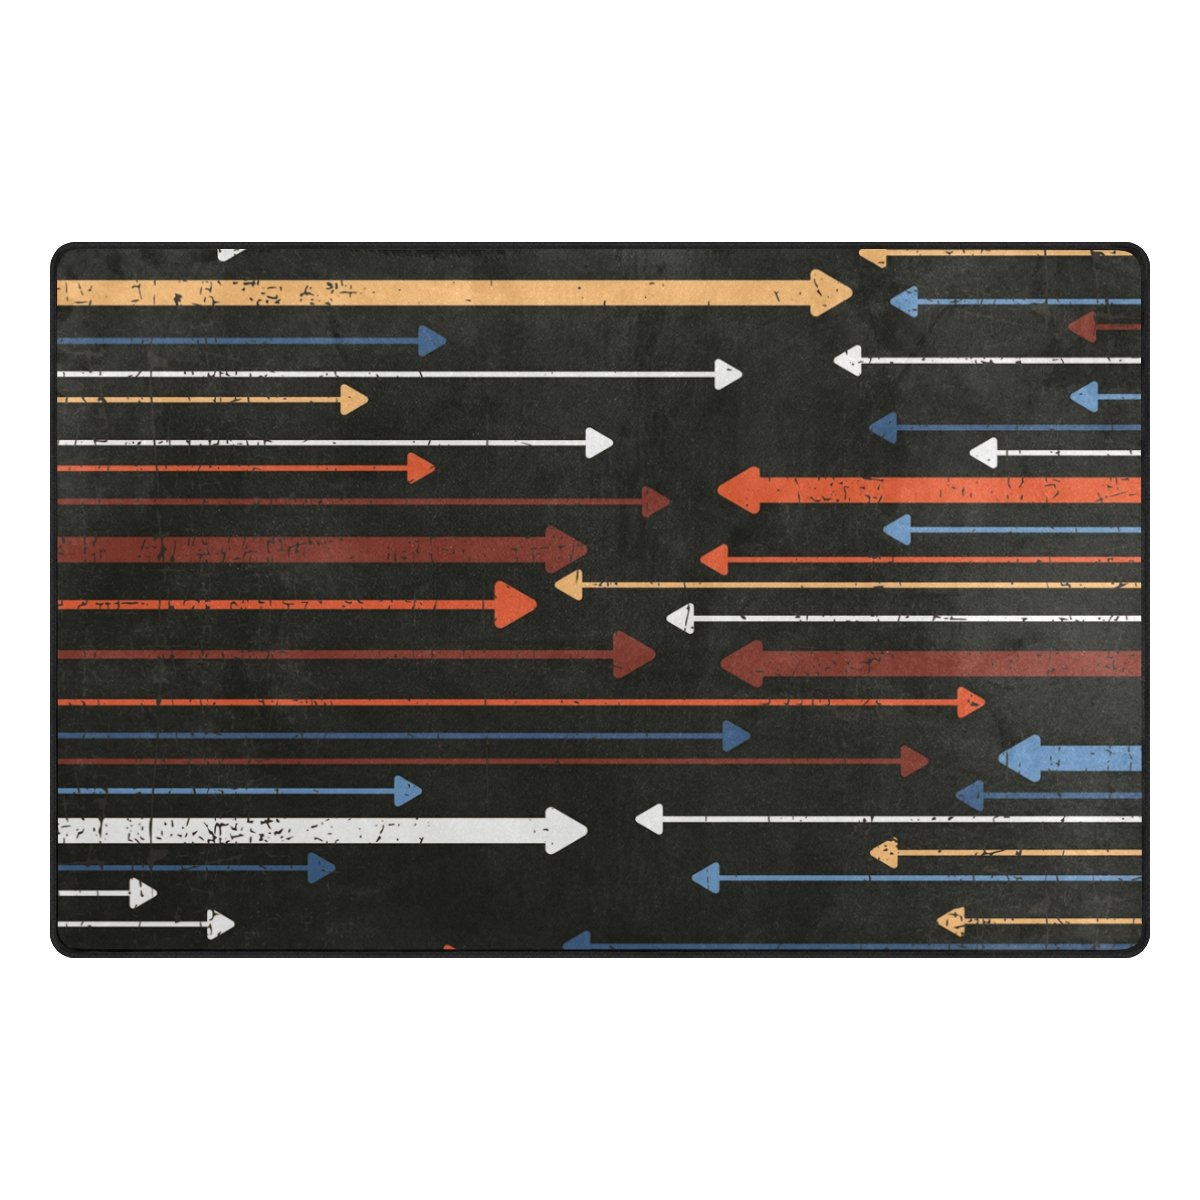 Bennigiry Vintage Multicolor flechas Rango Alfombra antideslizante Diario de DF920felpudos para salón dormitorio 78,7x 50,8cm, poliéster, multicolor, 31 x 20 inch